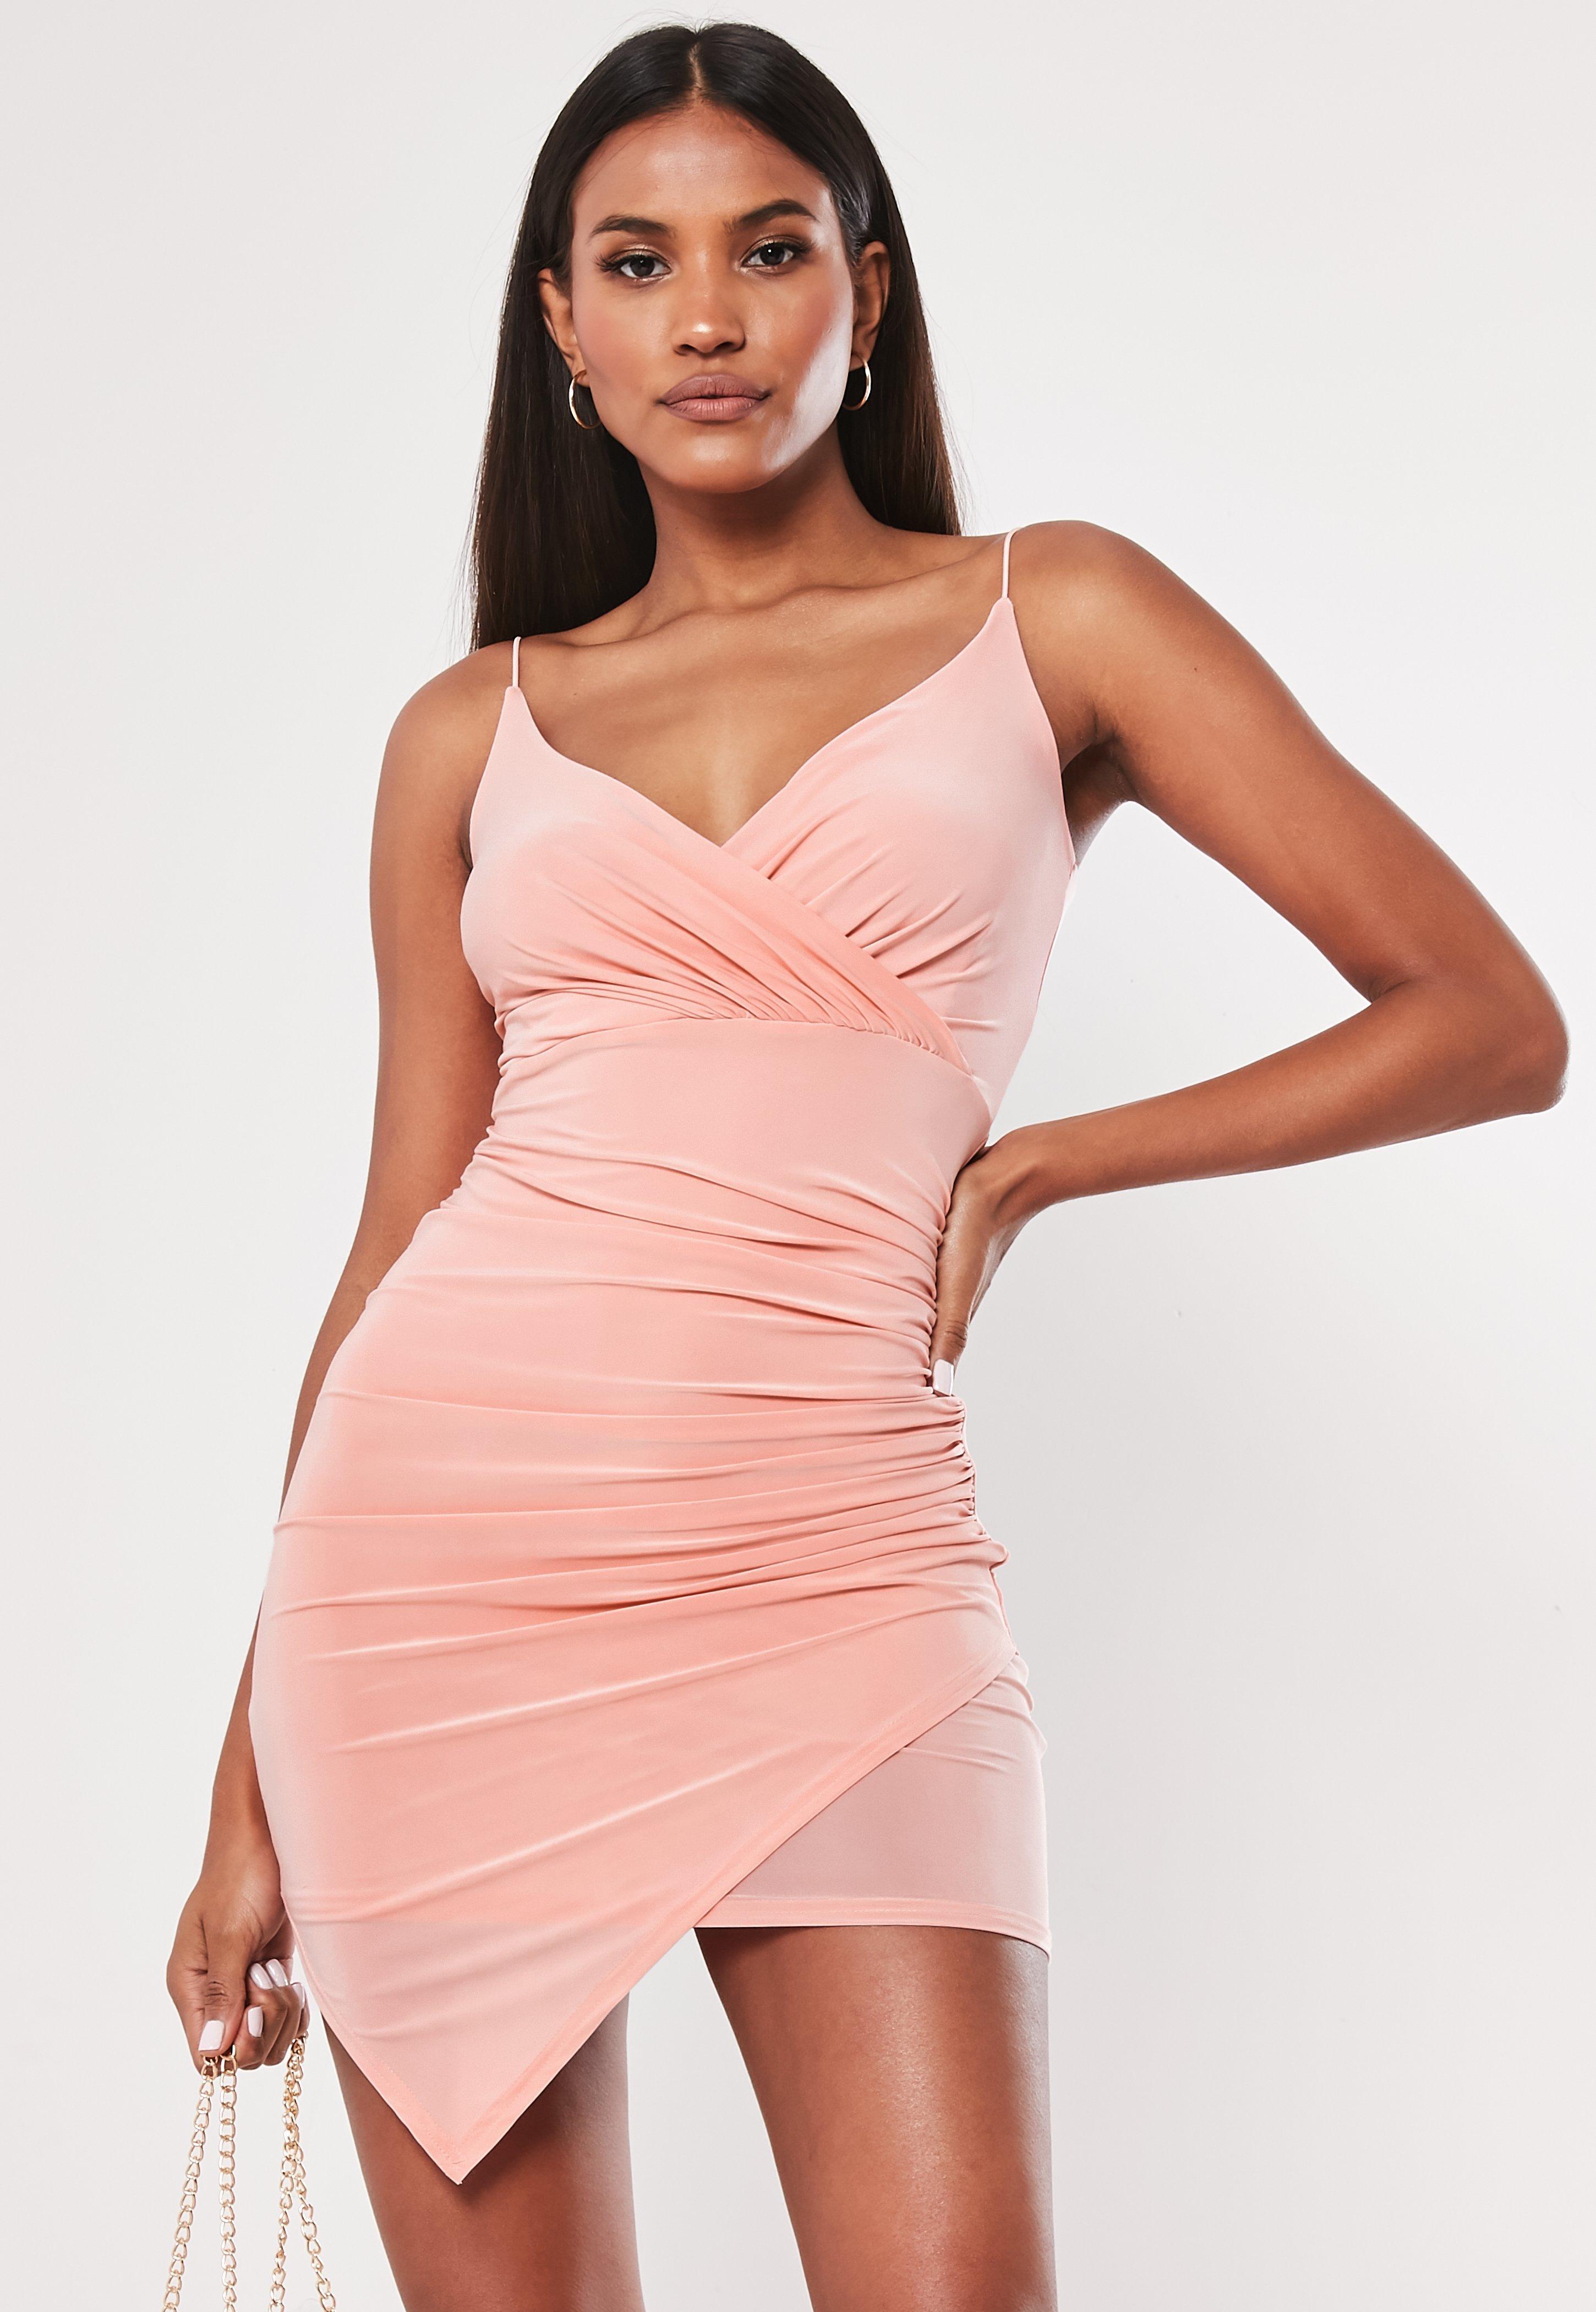 a528074b0f85 Vestido corto cruzado ajustado en rosa maquillaje